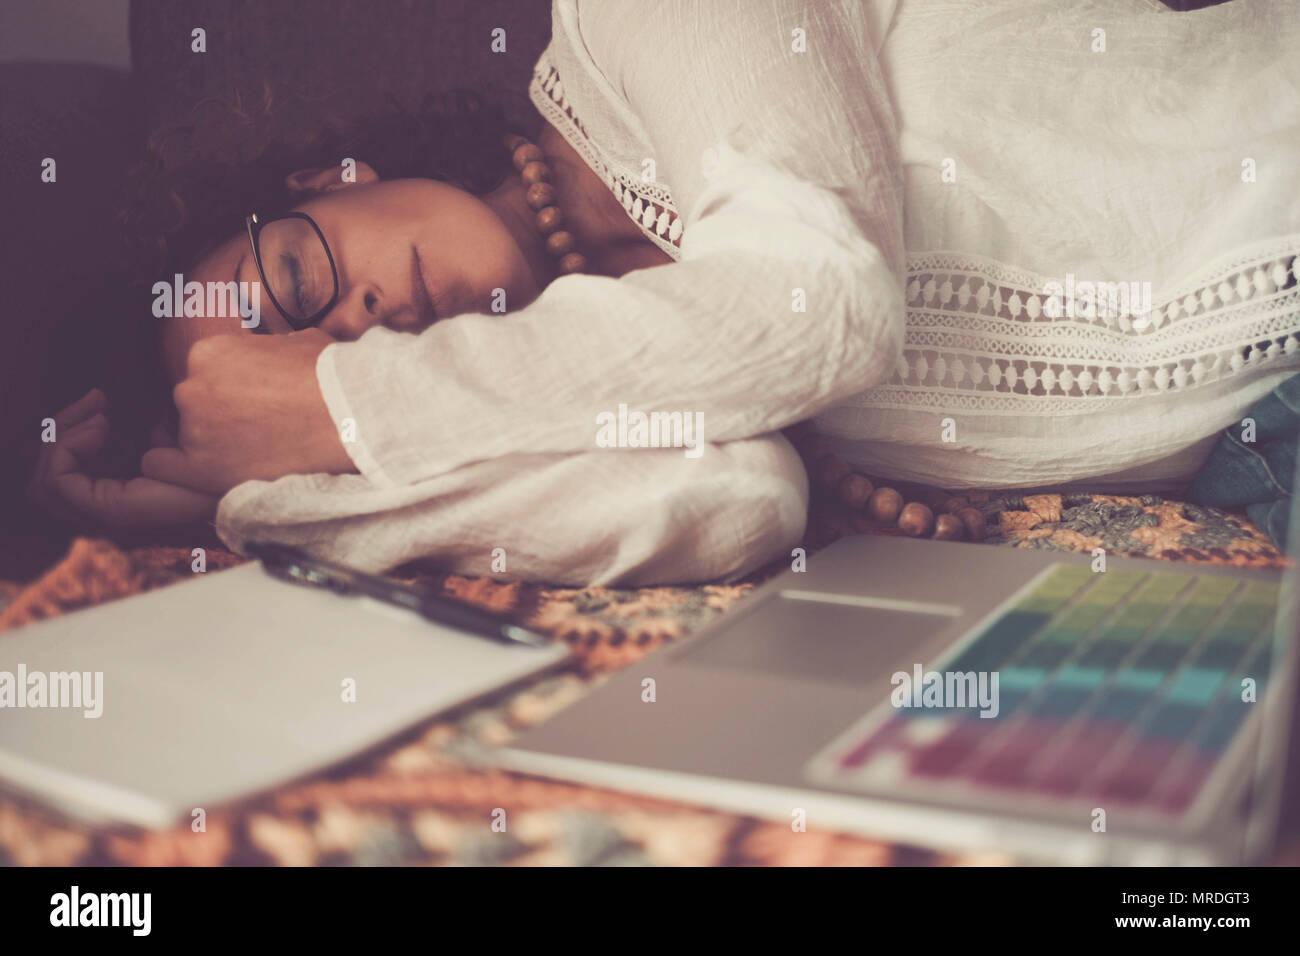 Einsame schöne kaukasische Frau schlafen nach einem starken harte Arbeit zu Hause mit Laptop. keine Stunden Problem zu Hause arbeiten, statt dass eine übliche Büro. al Stockbild